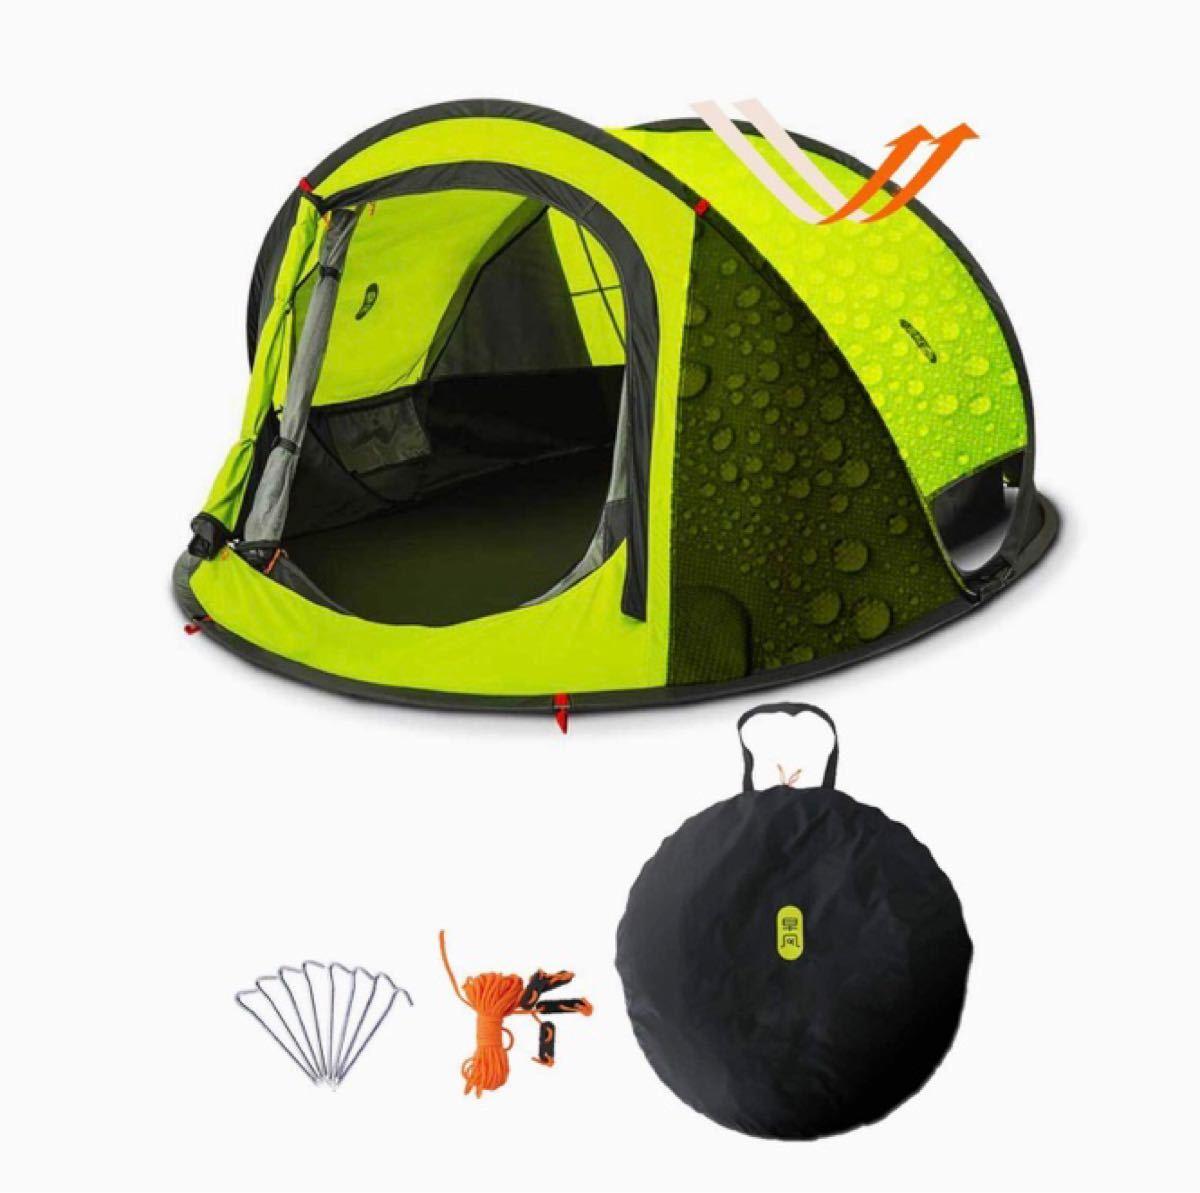 テント ワンタッチ ポップアップテント キャンプ